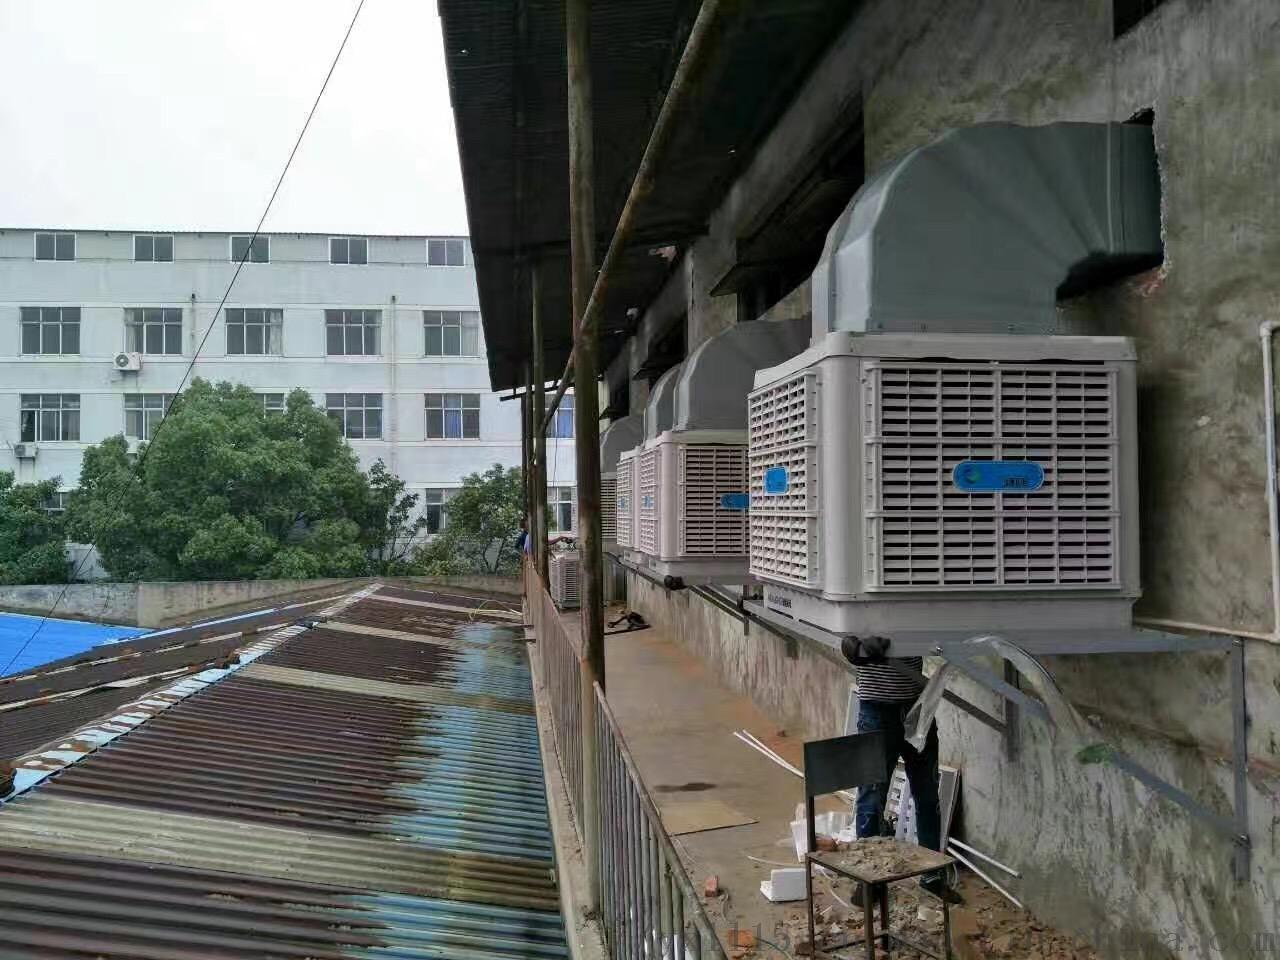 水冷空调 环保空调 负压风机、VOCS废气处理工程65280622